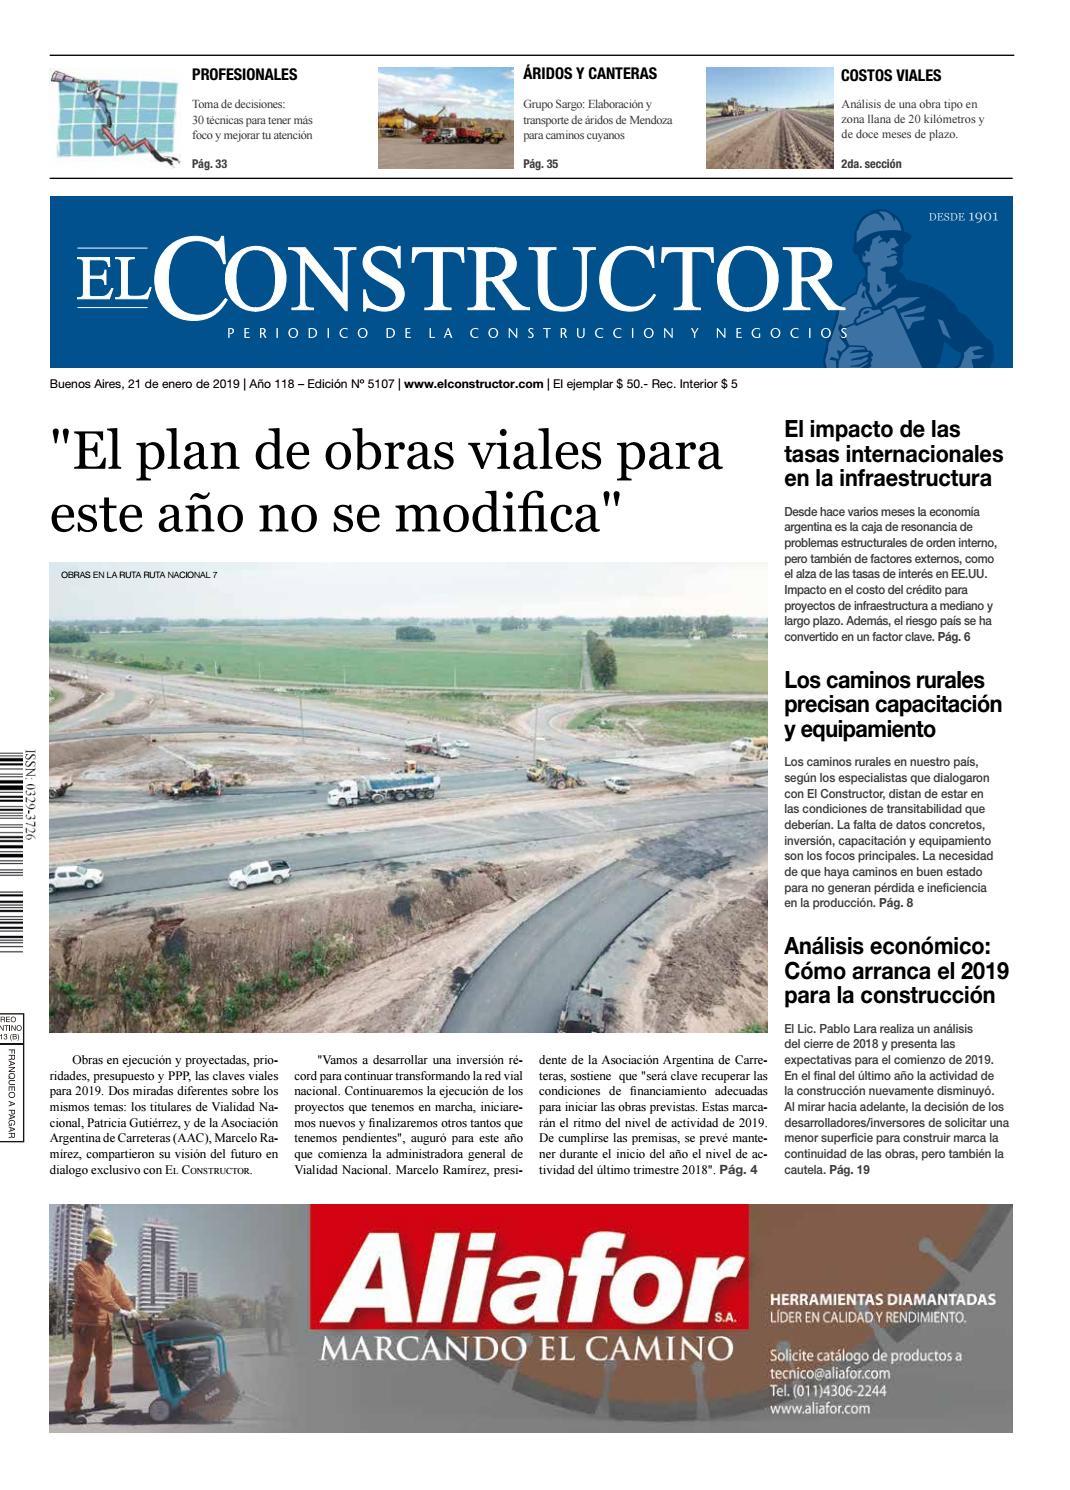 9dd3c6a7d160 El Constructor 21 1 2019 - N° 5107 Año 118 by ELCO Editores - issuu